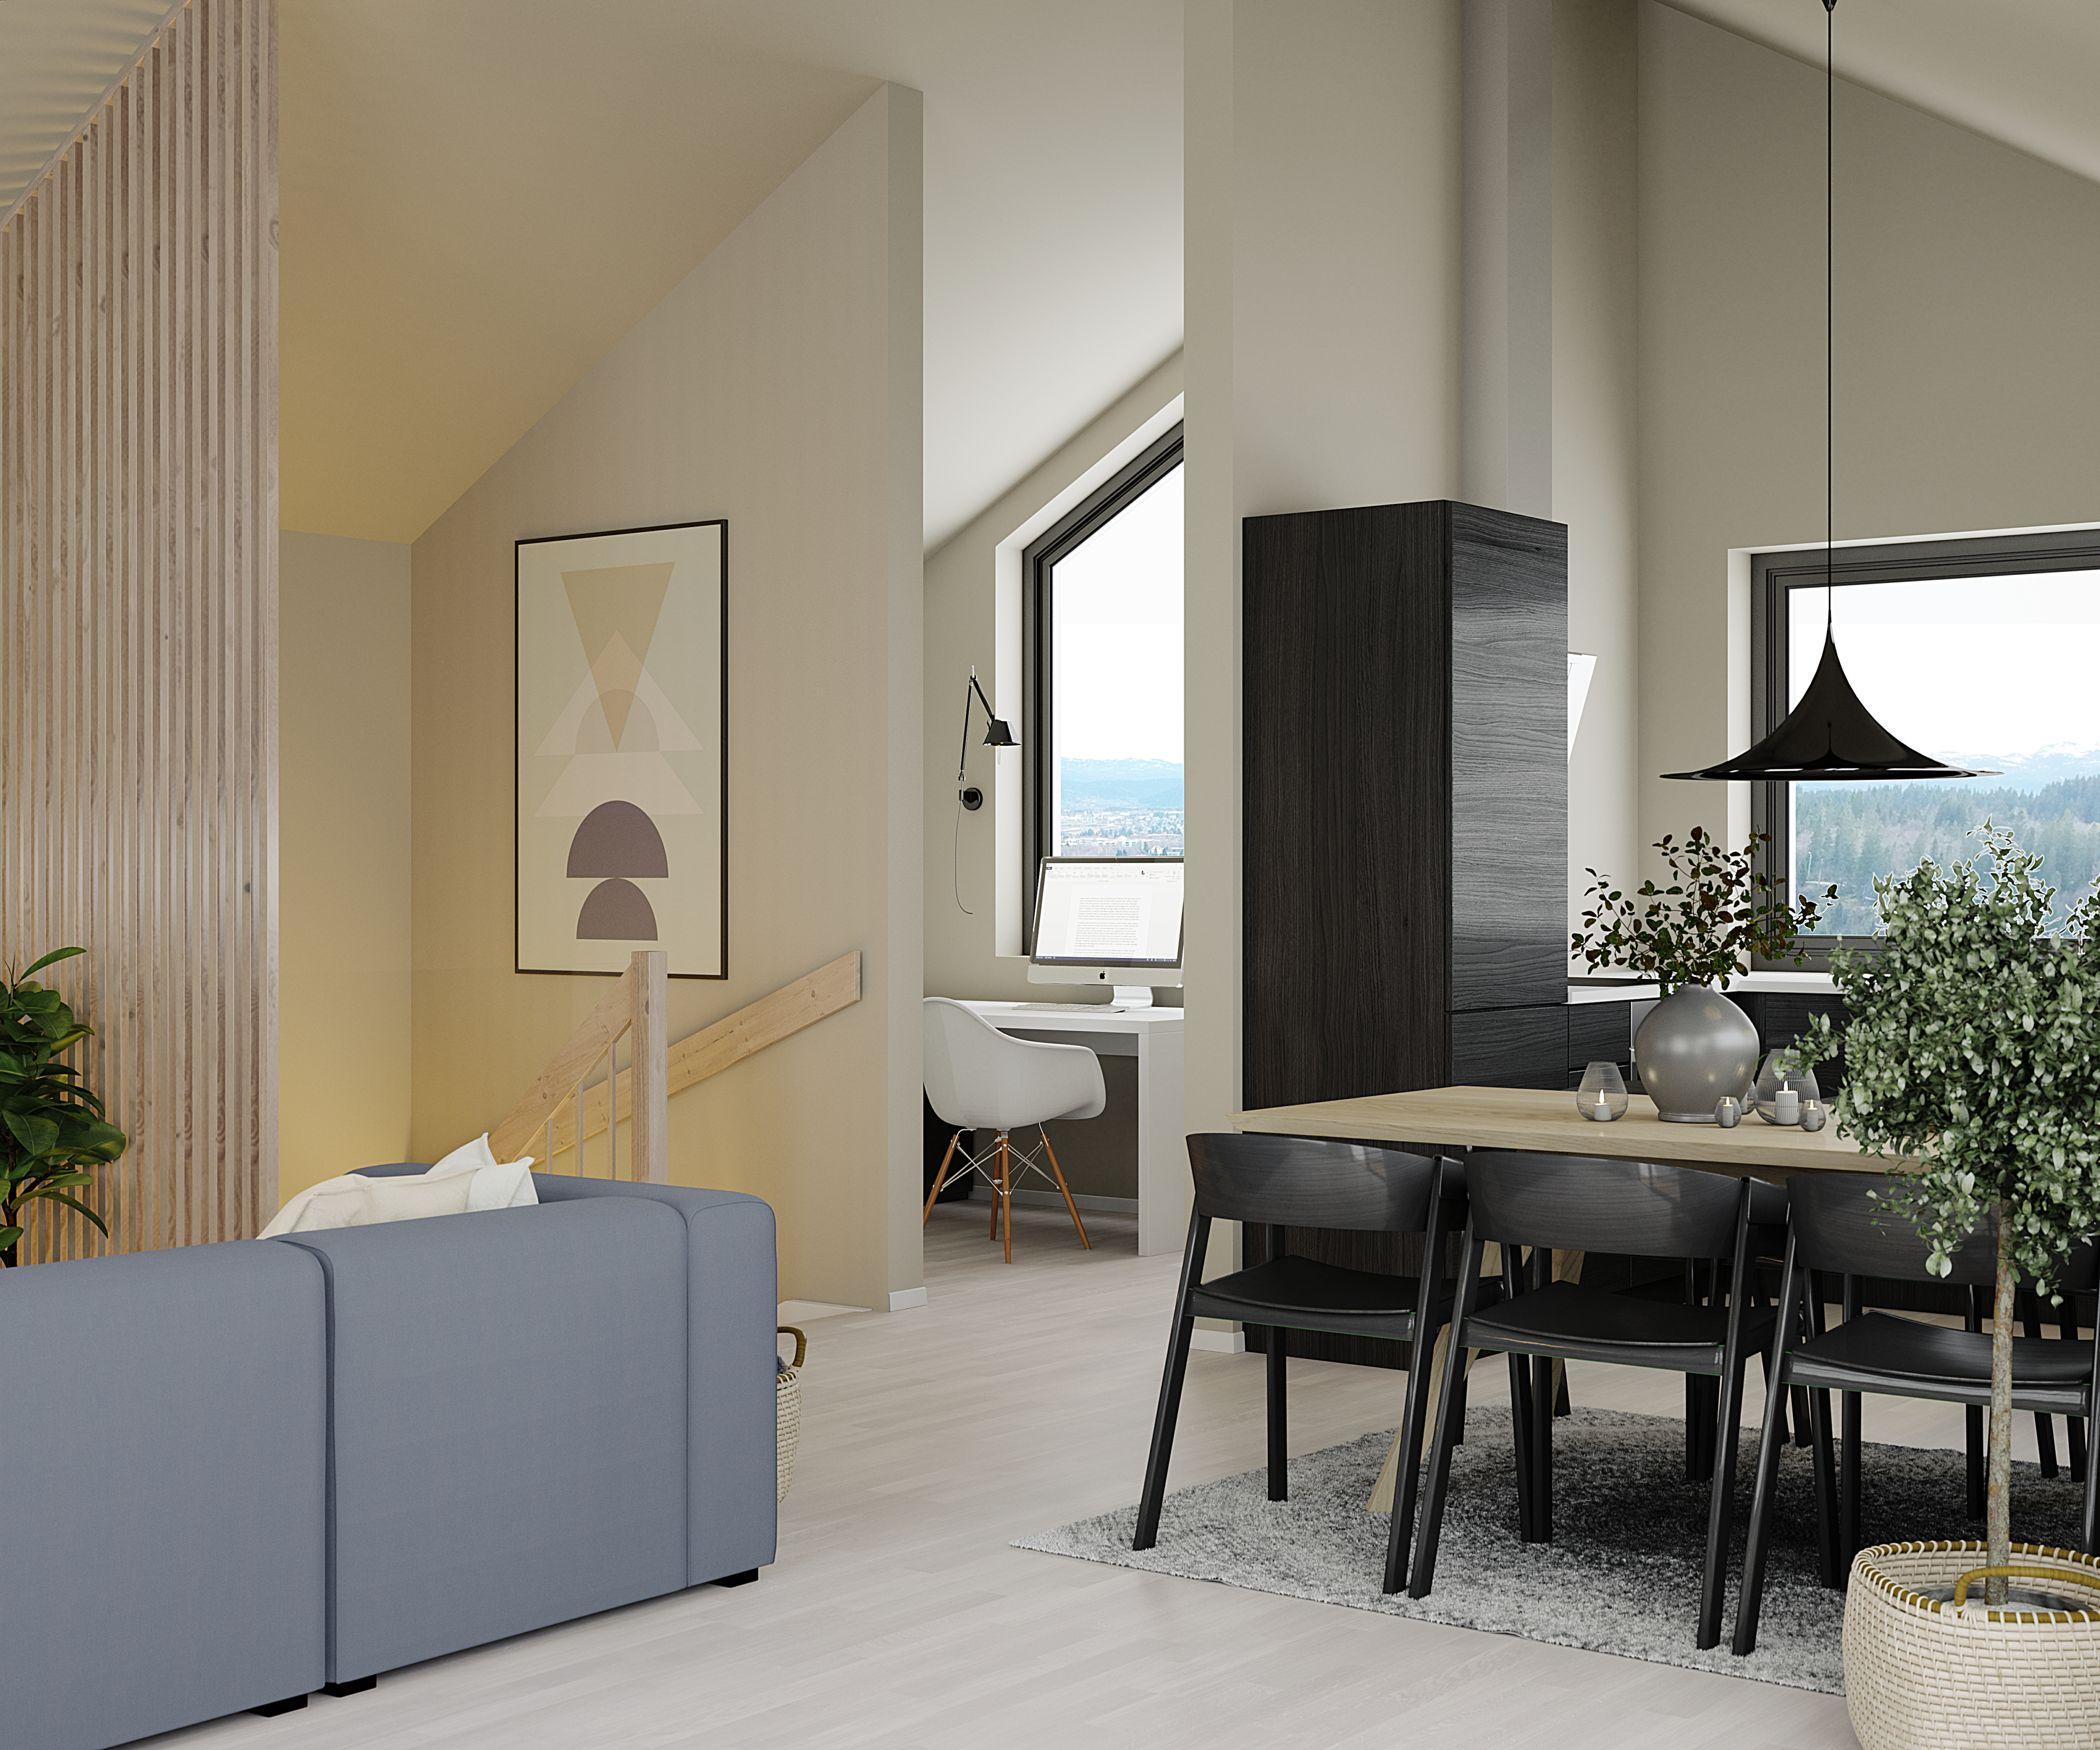 kolsas_interior0001.jpg